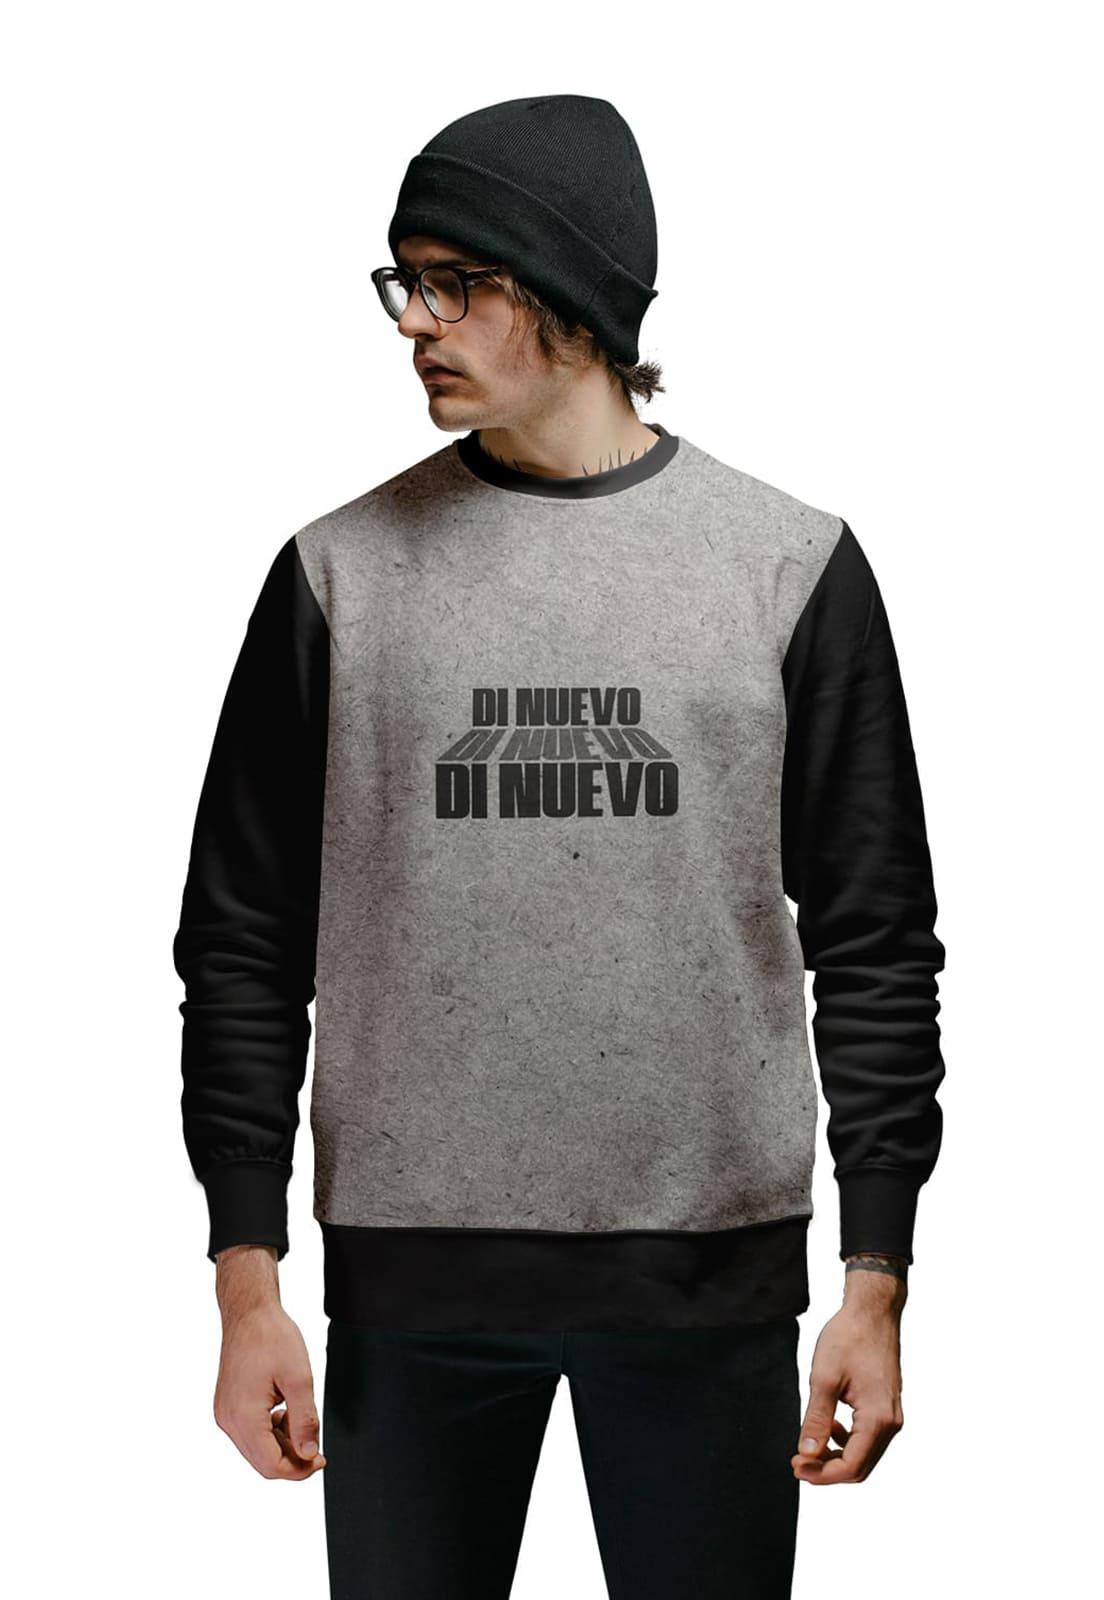 Moletom Masculino New Collection Di Nuevo Fontes Street Wear